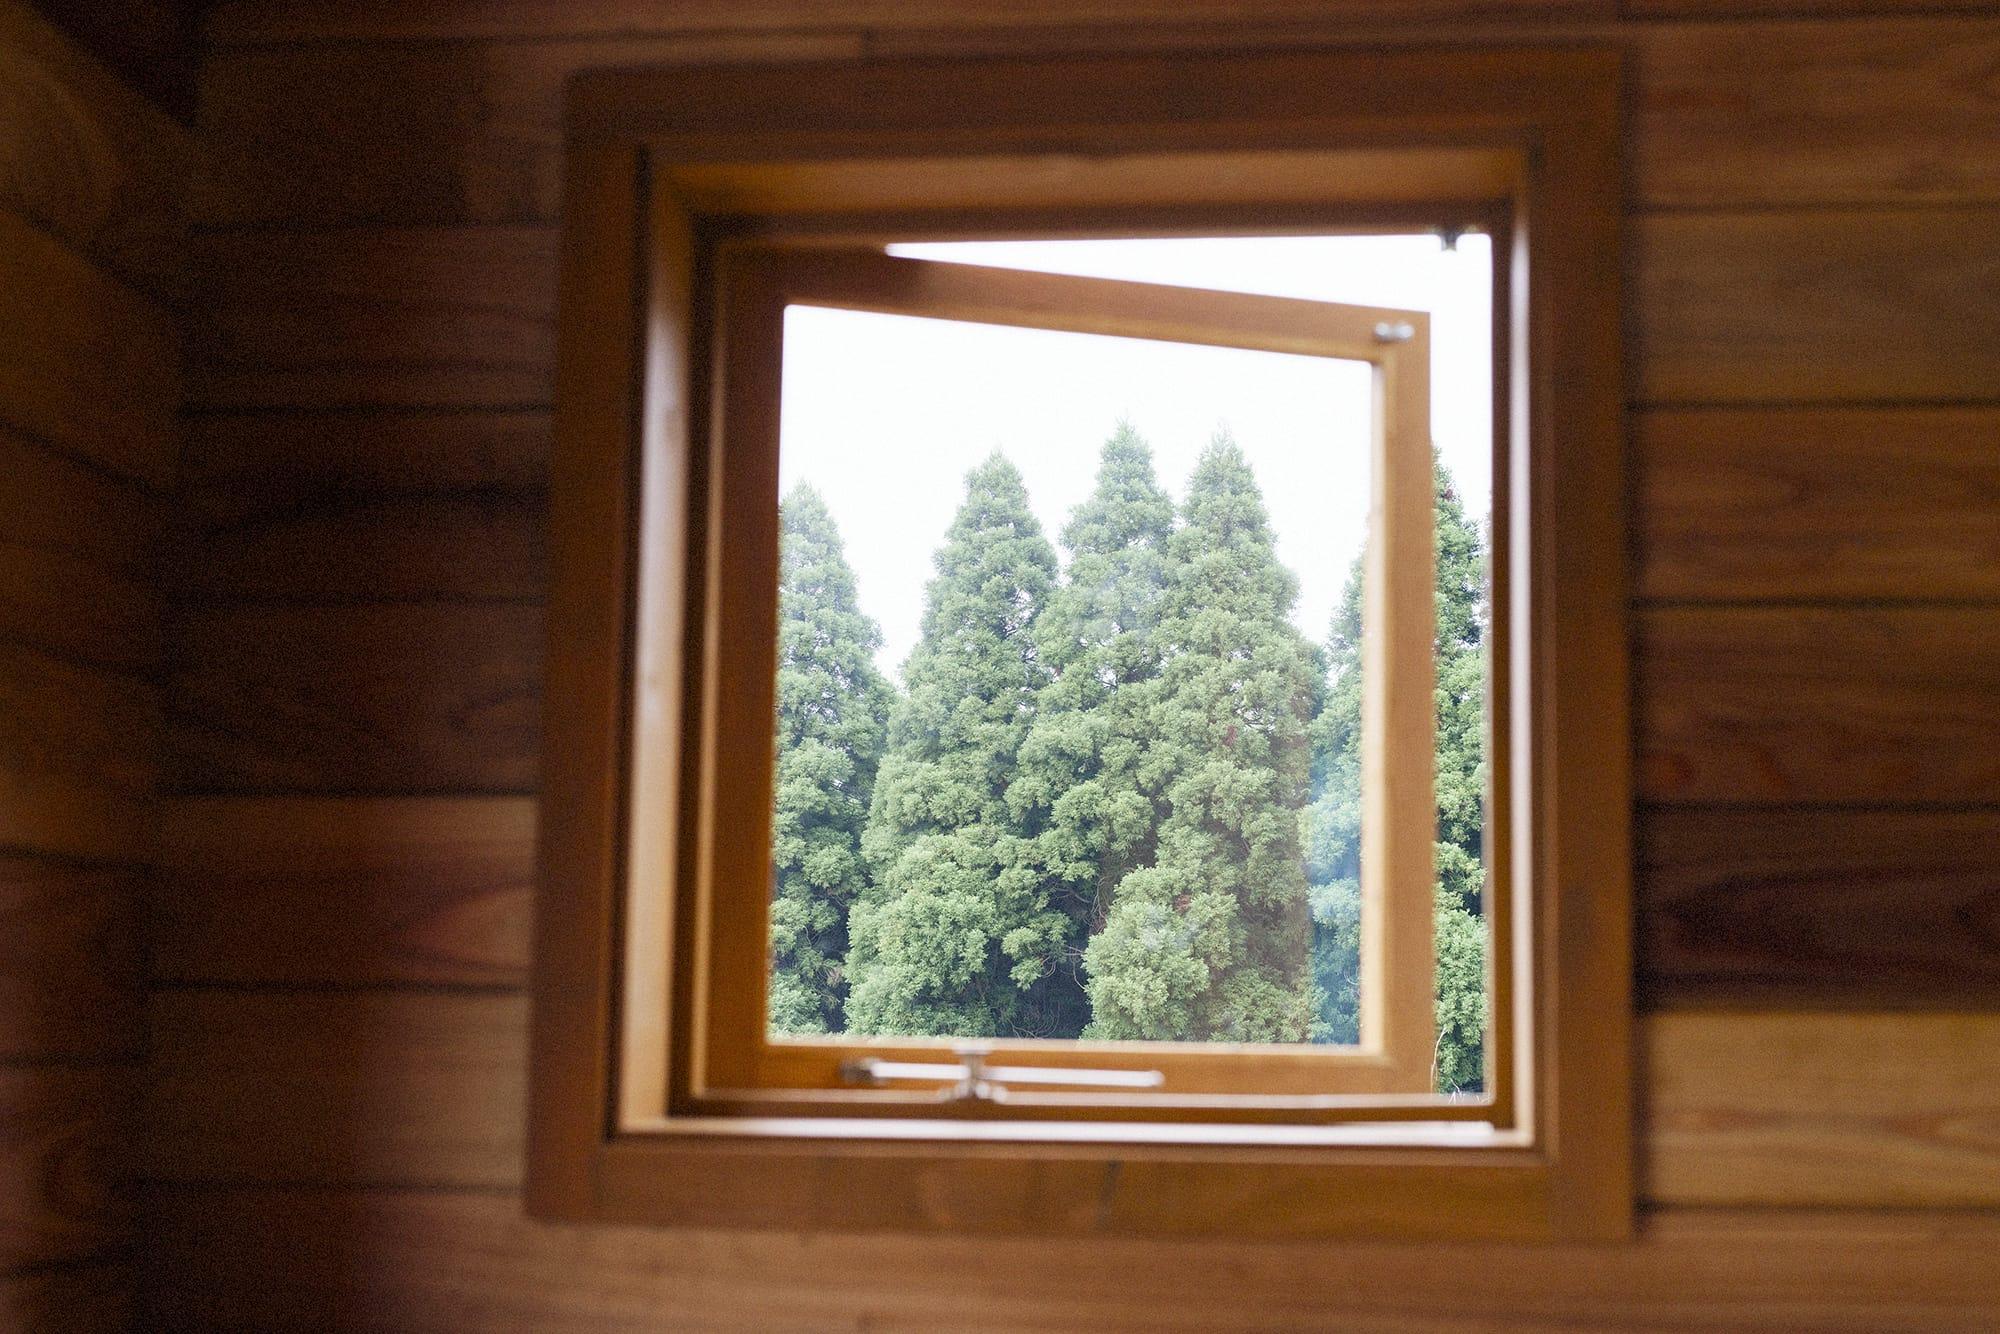 発達・知的障がい者の就労支援を行っている「NPO法人はぁもにぃ」(千葉県千葉市)の農園内に建てたタイニーハウス。室内の広さは畳4枚分ほど。「みんな違う窓がお気に入りになるといい」との思いから、それぞれに景色の異なる小窓を計6か所設置した。